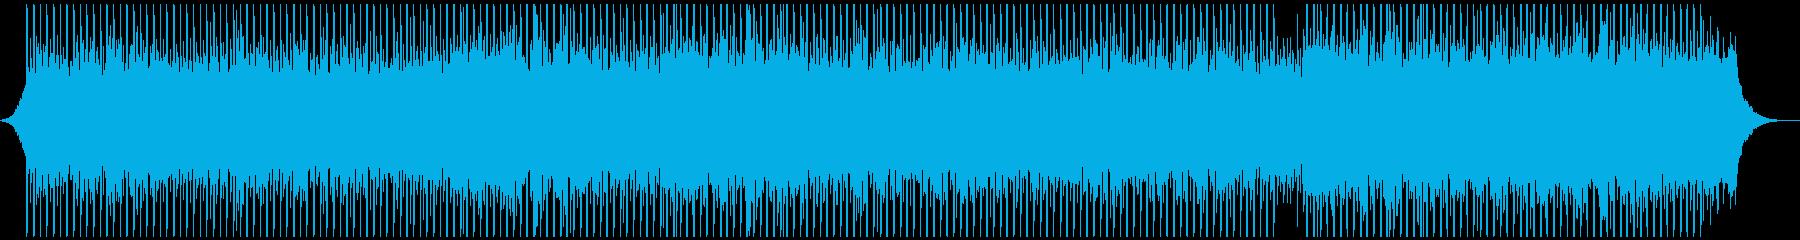 マーケティングビデオの再生済みの波形